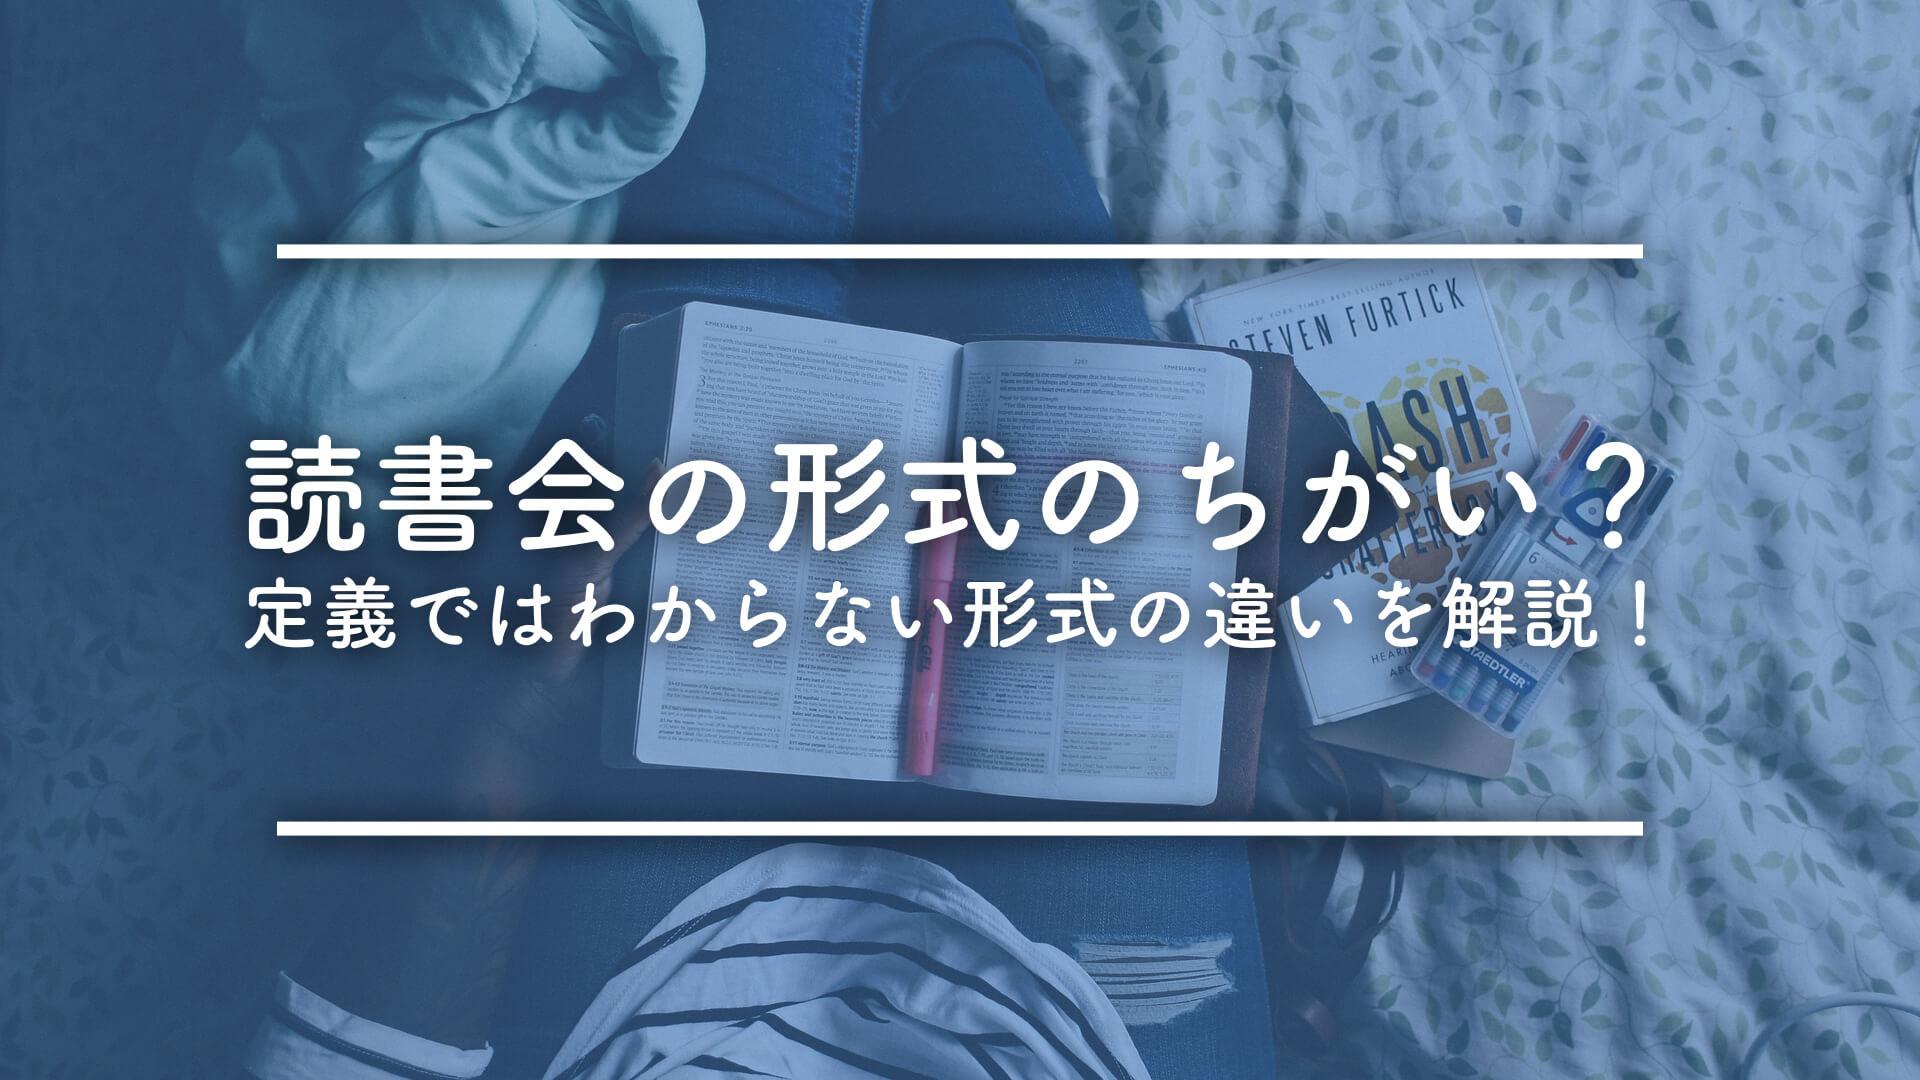 【読書会とは】定義ではわからない形式の違いを解説!